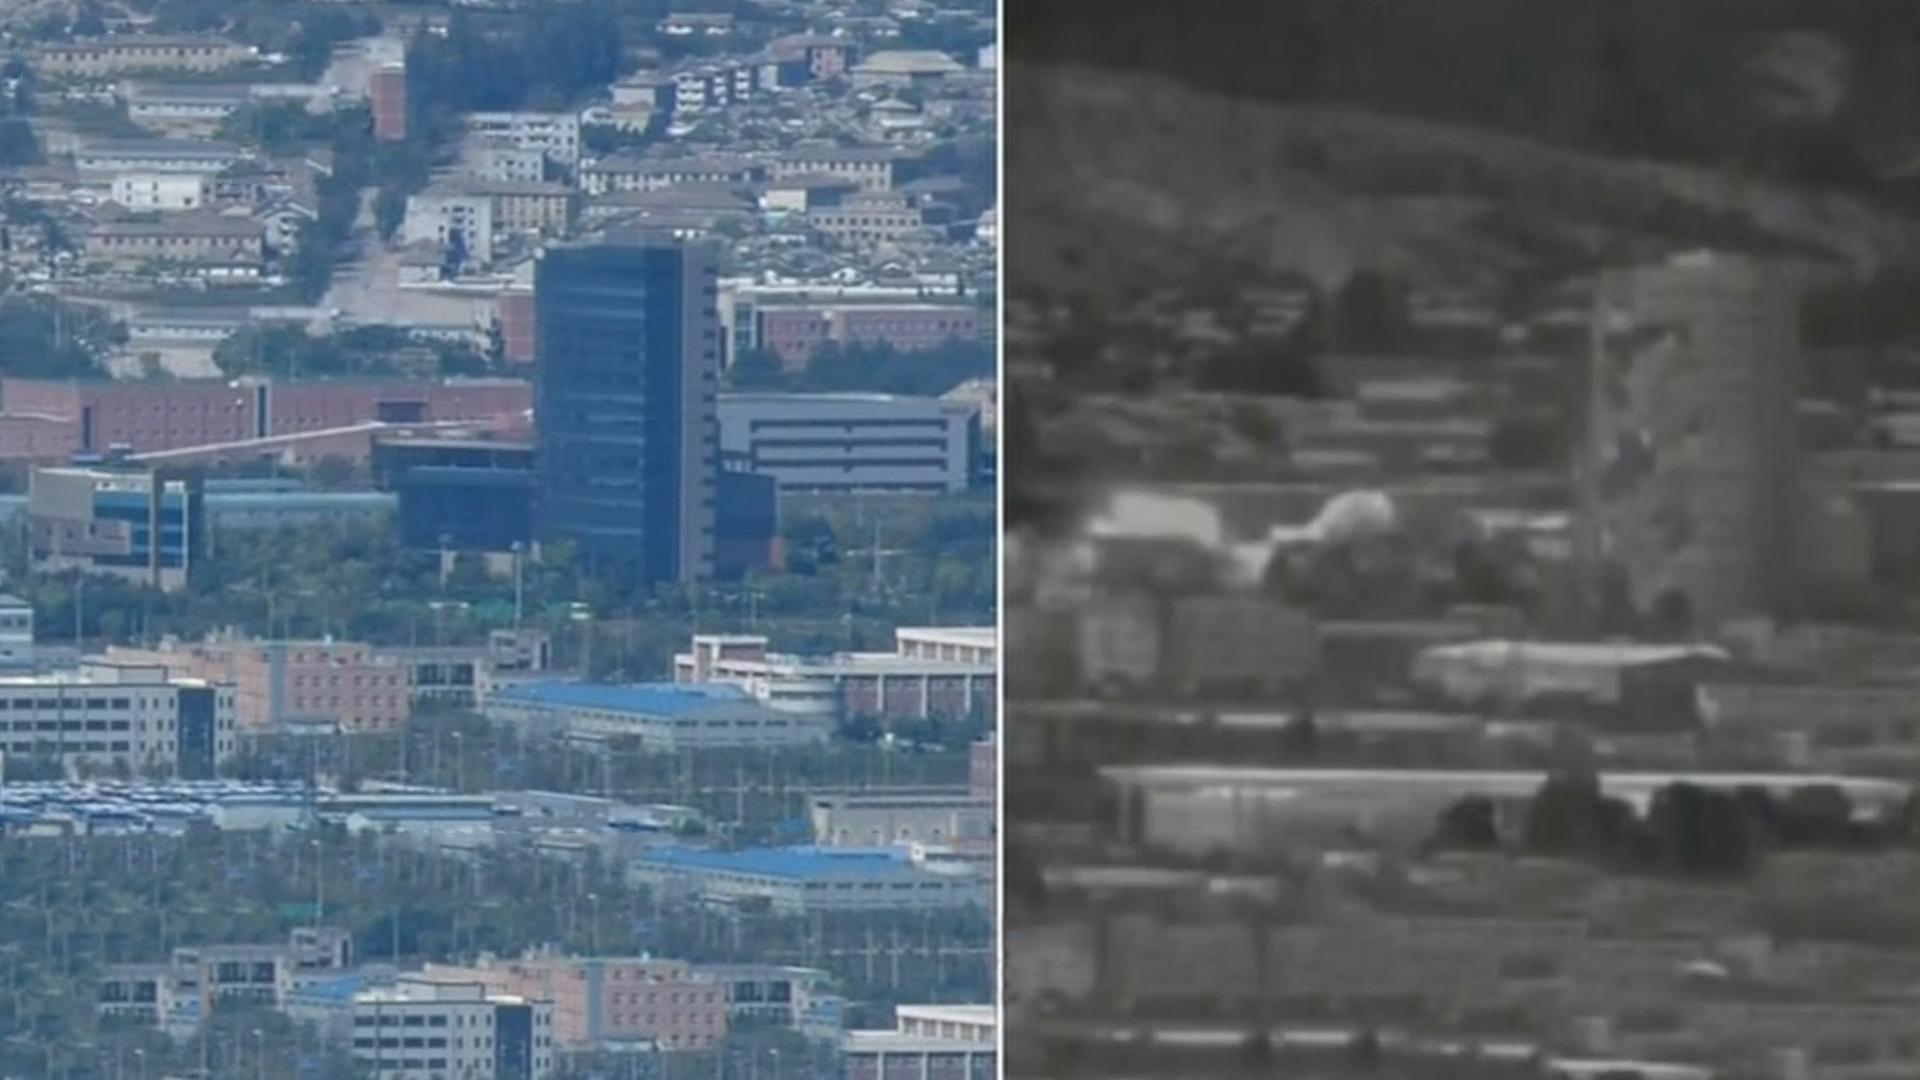 朝鲜炸楼,韩国怎么应对?青瓦台、统一部、国防部、外交部都有说法